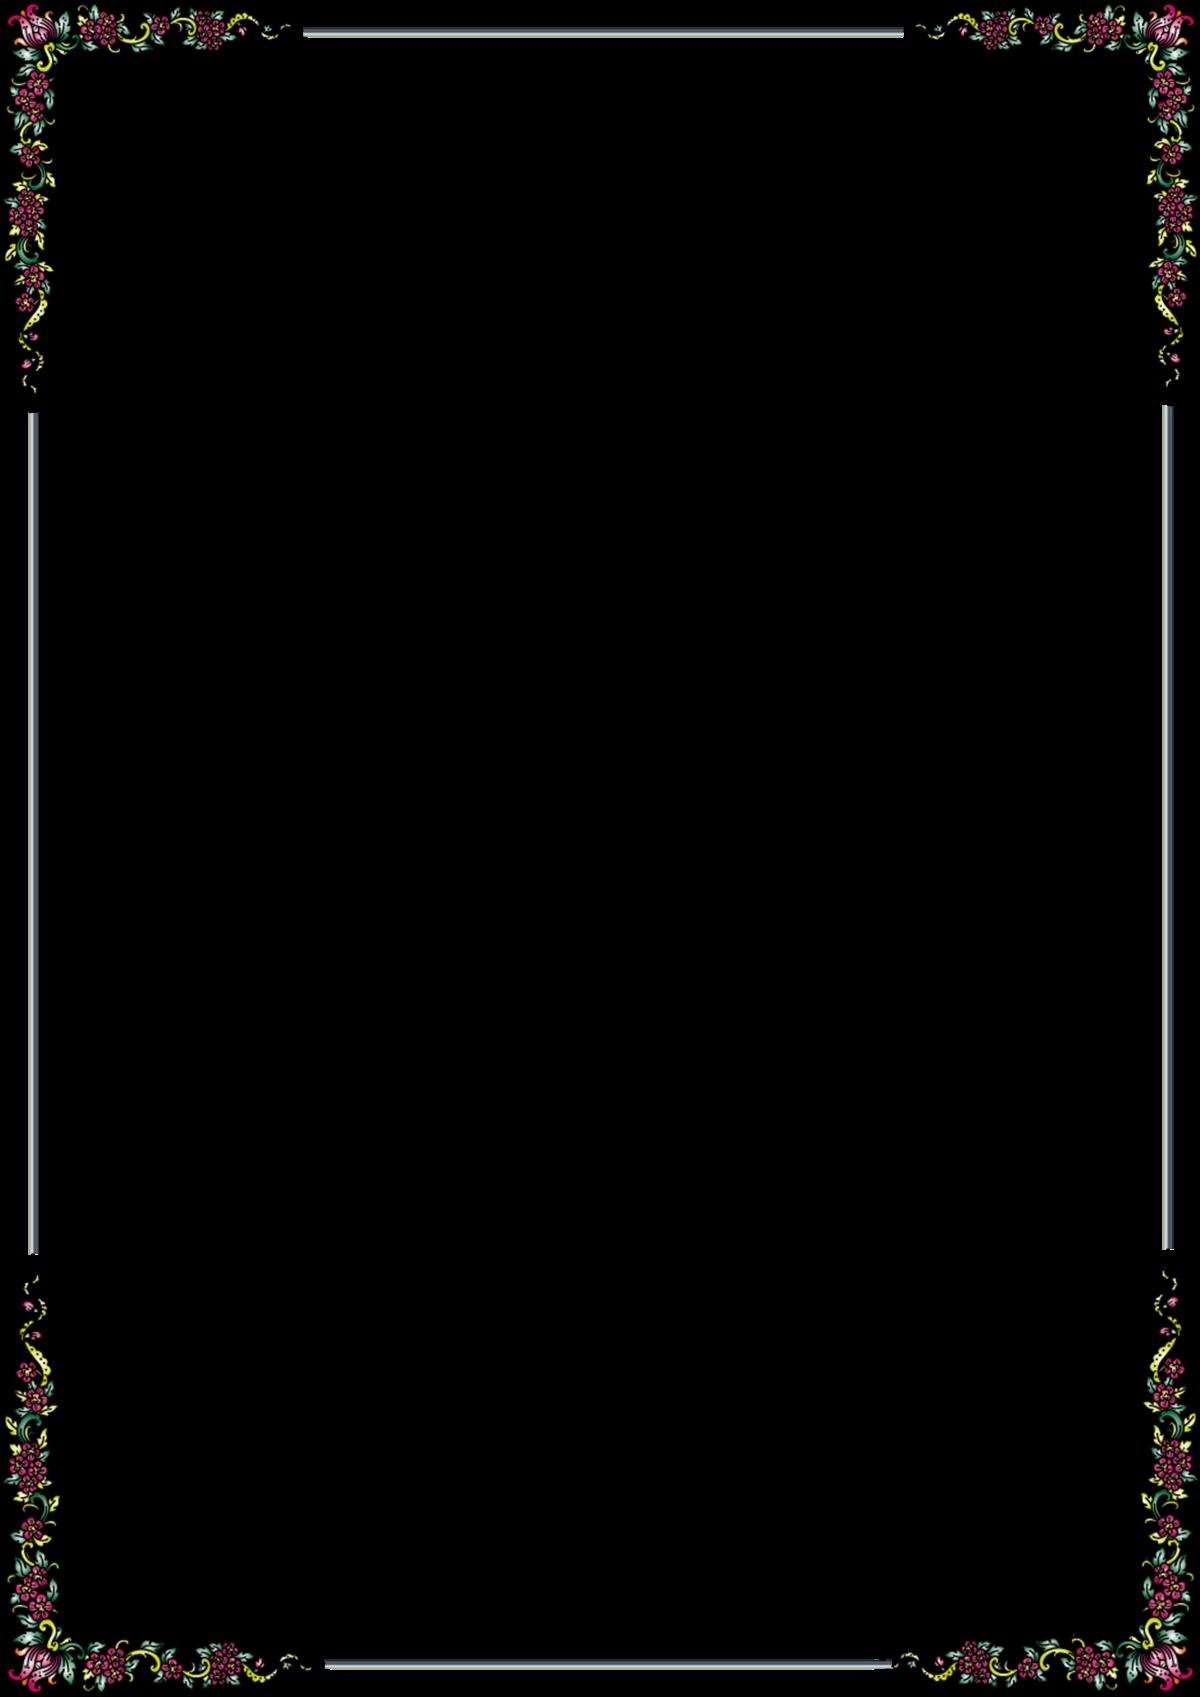 Рамки для текста в картинках, открытка скрапбукинг